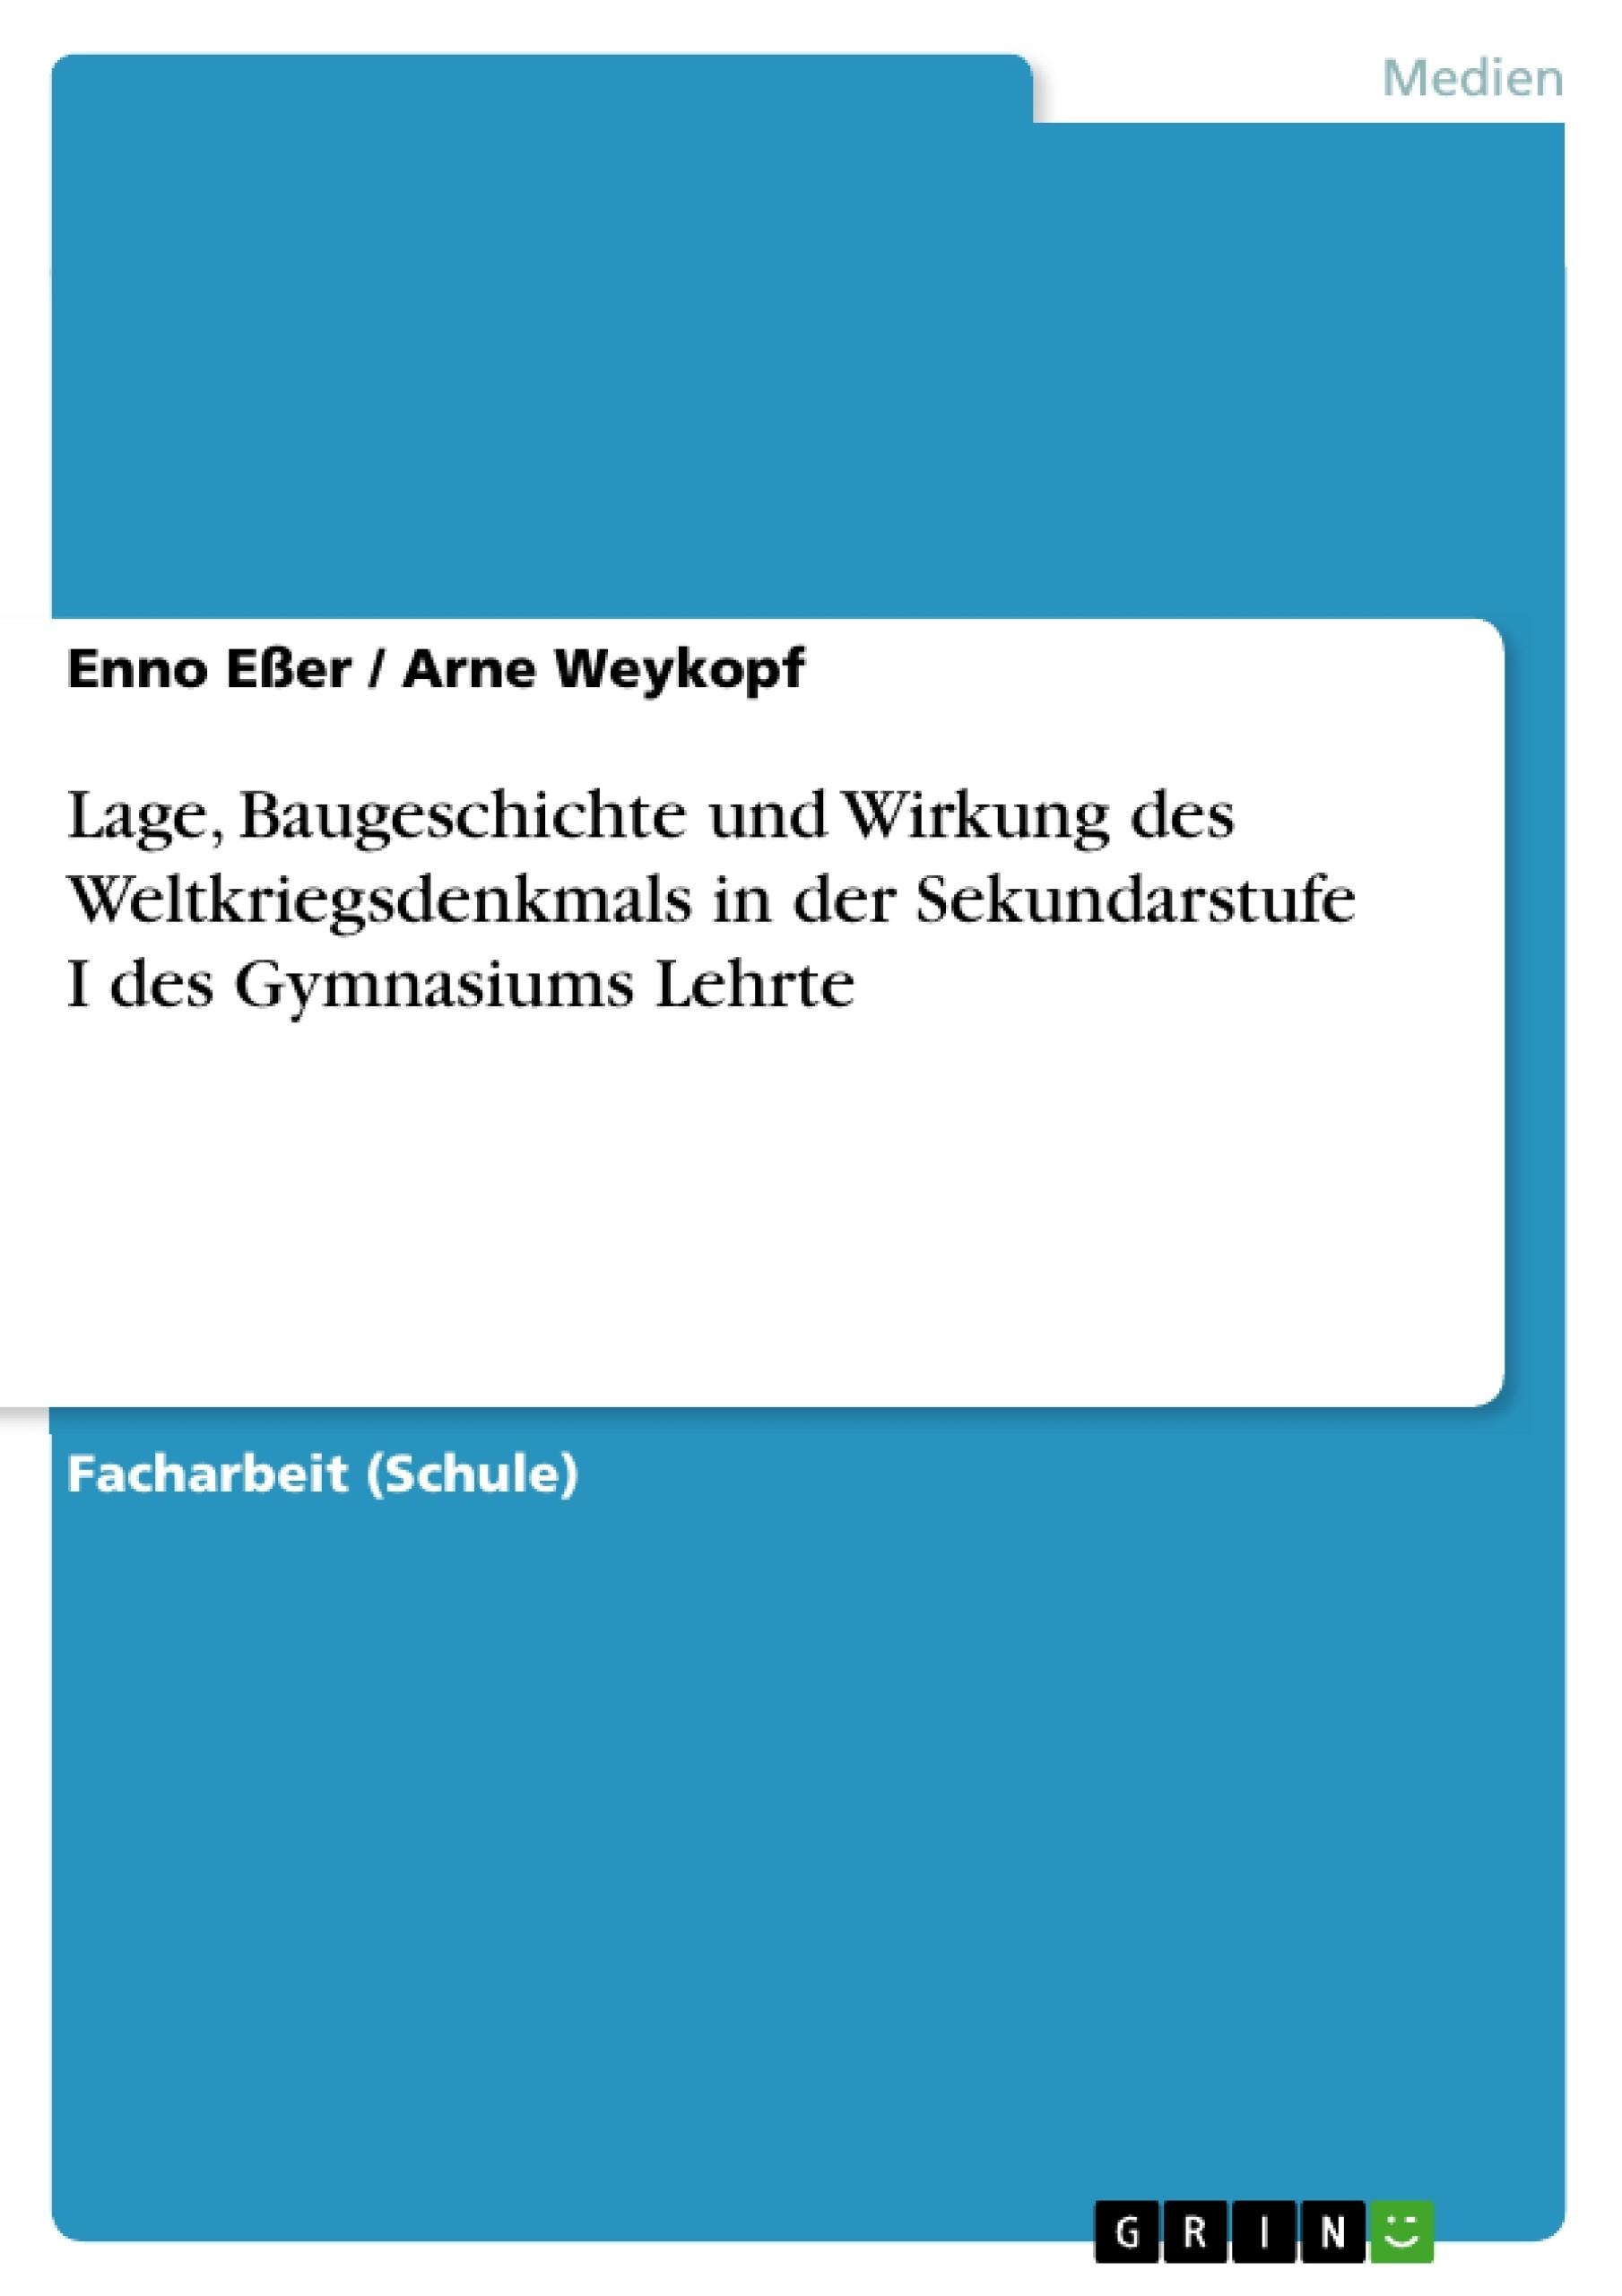 Titel: Lage, Baugeschichte und Wirkung des Weltkriegsdenkmals in der Sekundarstufe I des Gymnasiums Lehrte